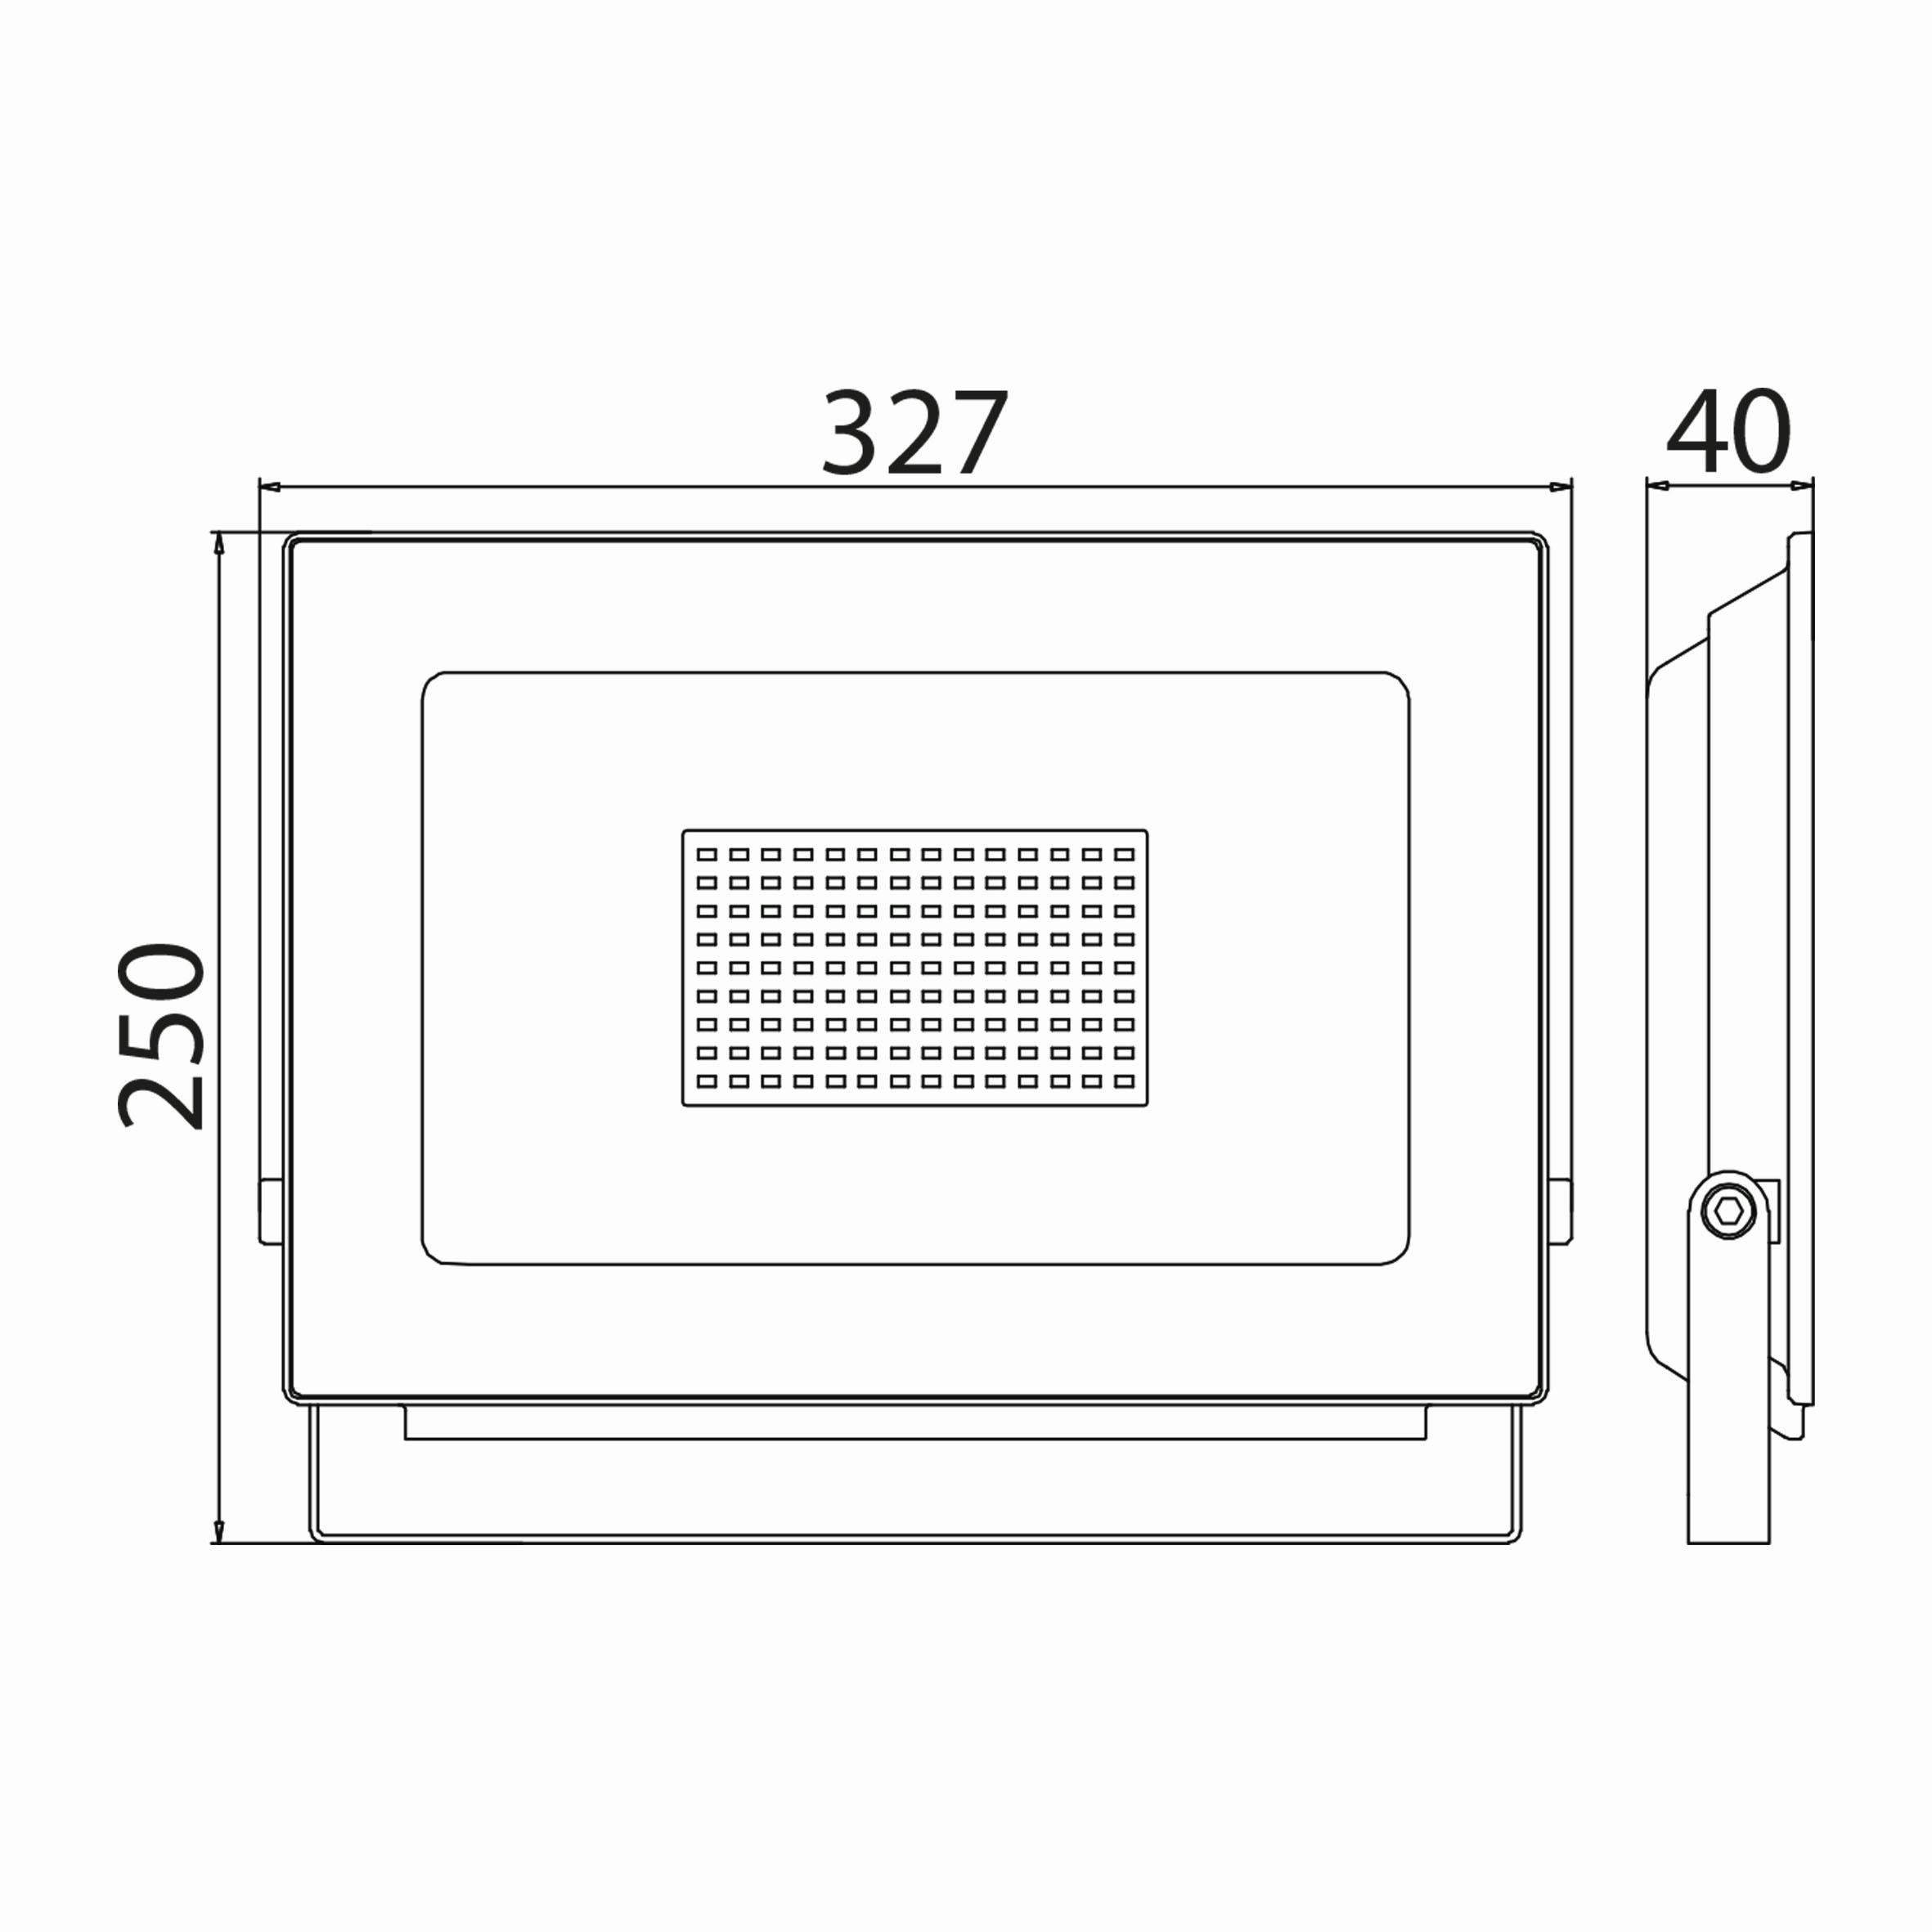 100w Ledli Projektör Teknik Çizim